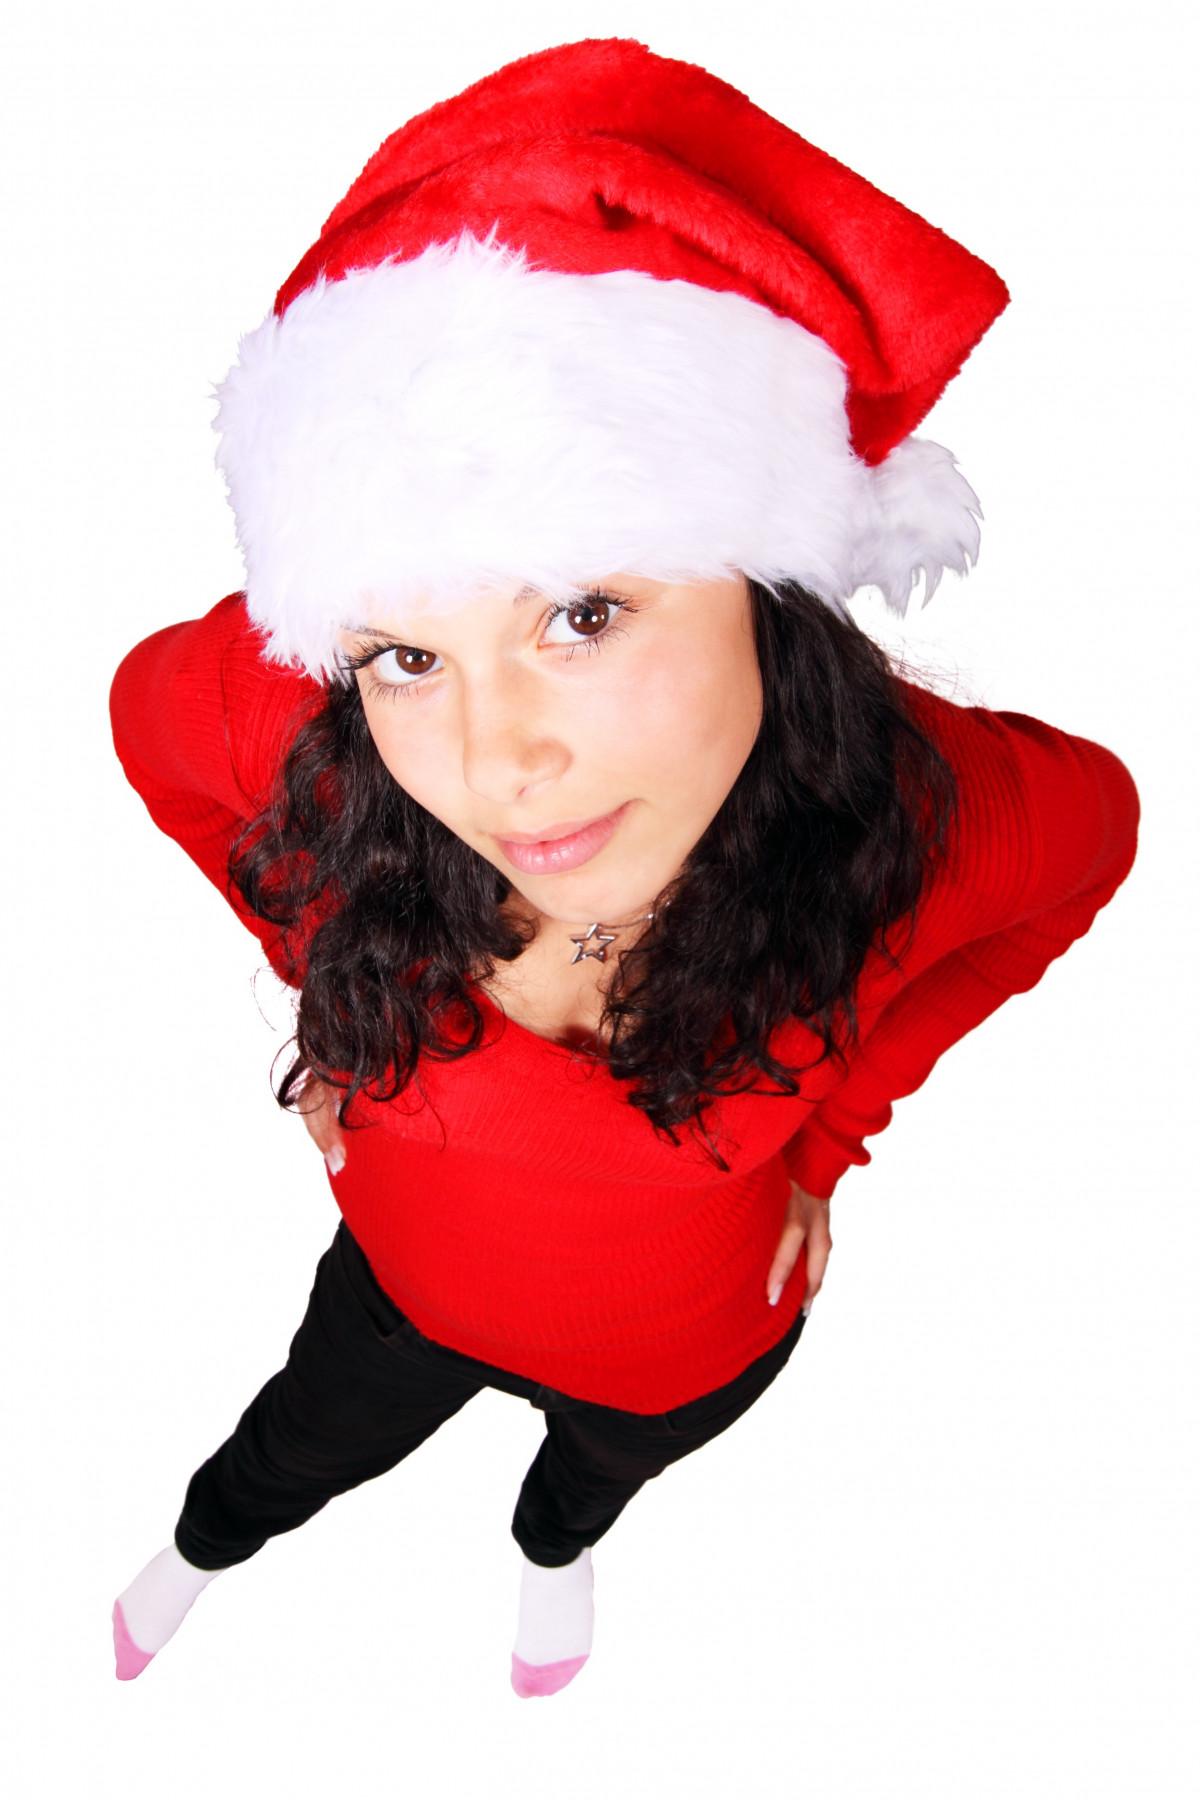 ľudia dievča žena biely Žena slávnosť výzdoba mladý červená človek klobúk  odevy slecna Vianoce usmievavý úsmev 358953dc18